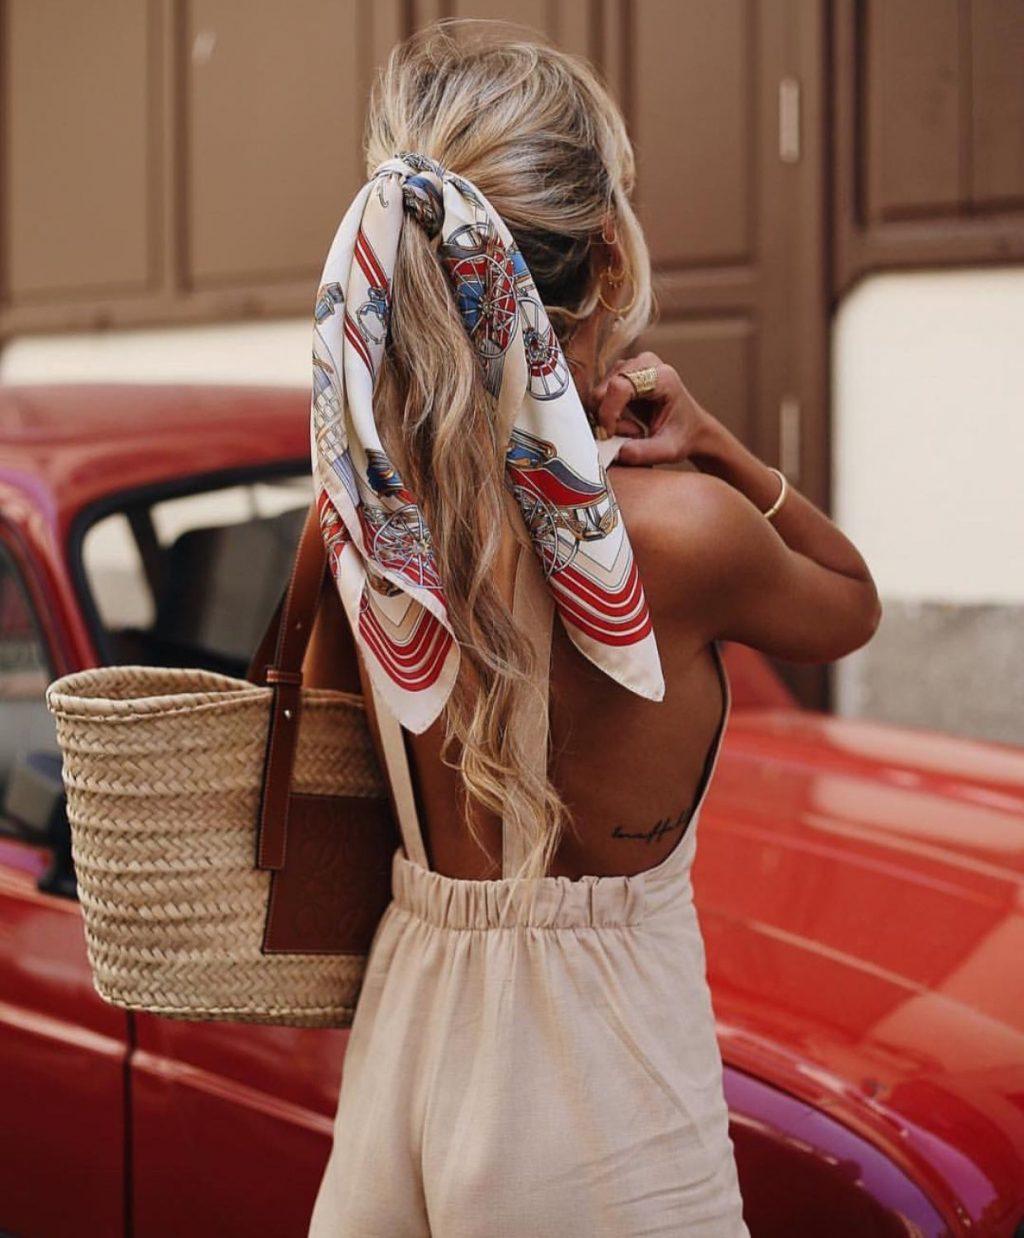 khăn turban tóc đuôi ngựa và túi cói